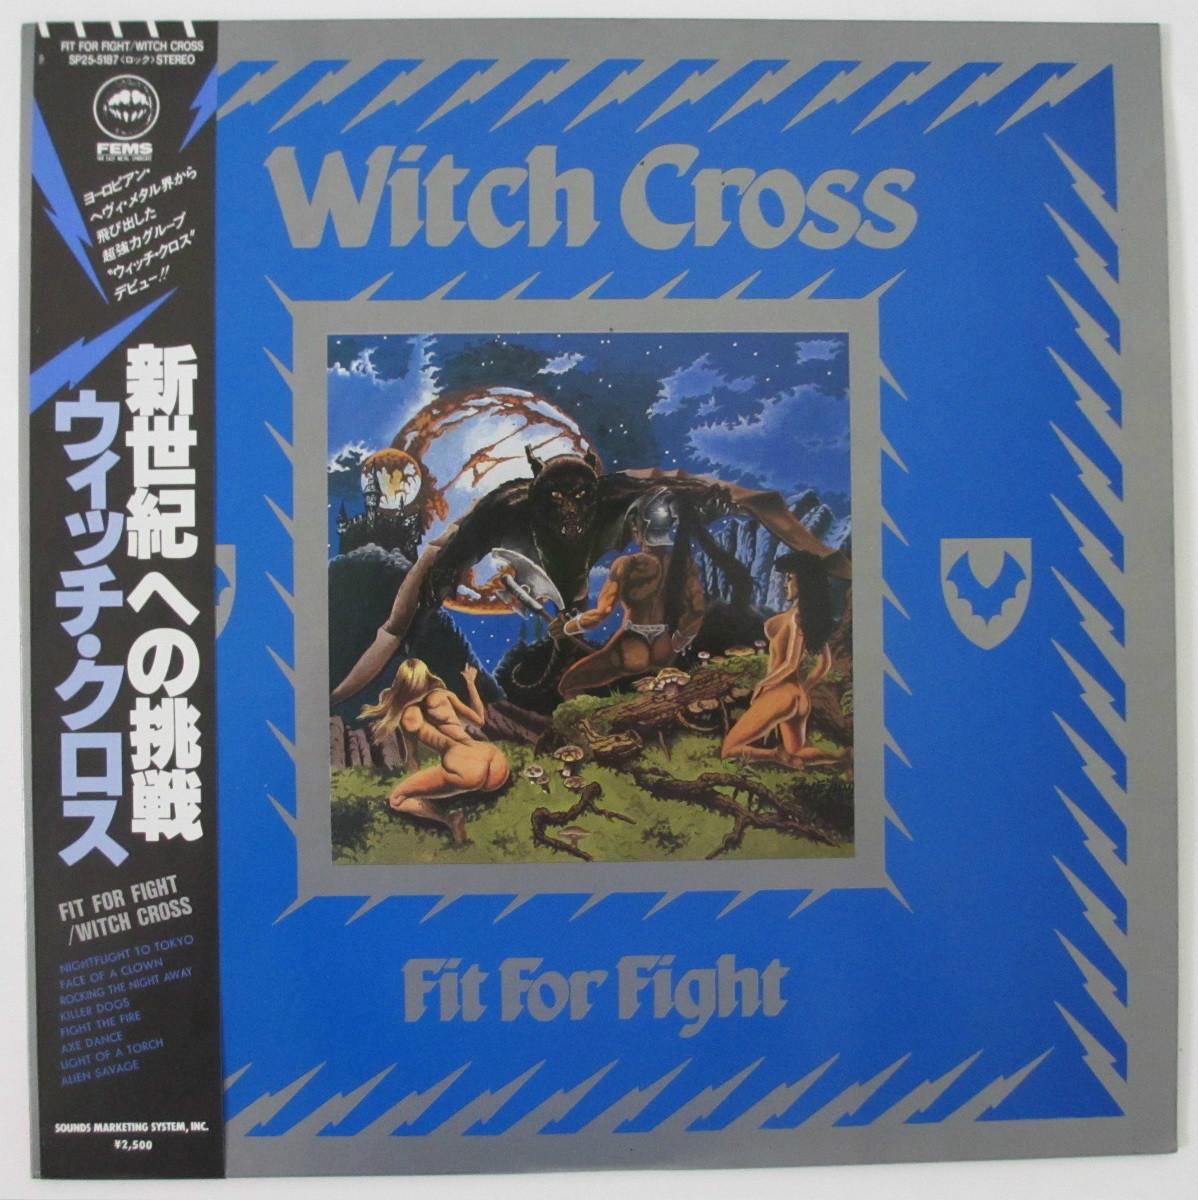 【中古レコード】Fit For You(新世紀への挑戦) Witch Cross(ウィッチ・クロス)